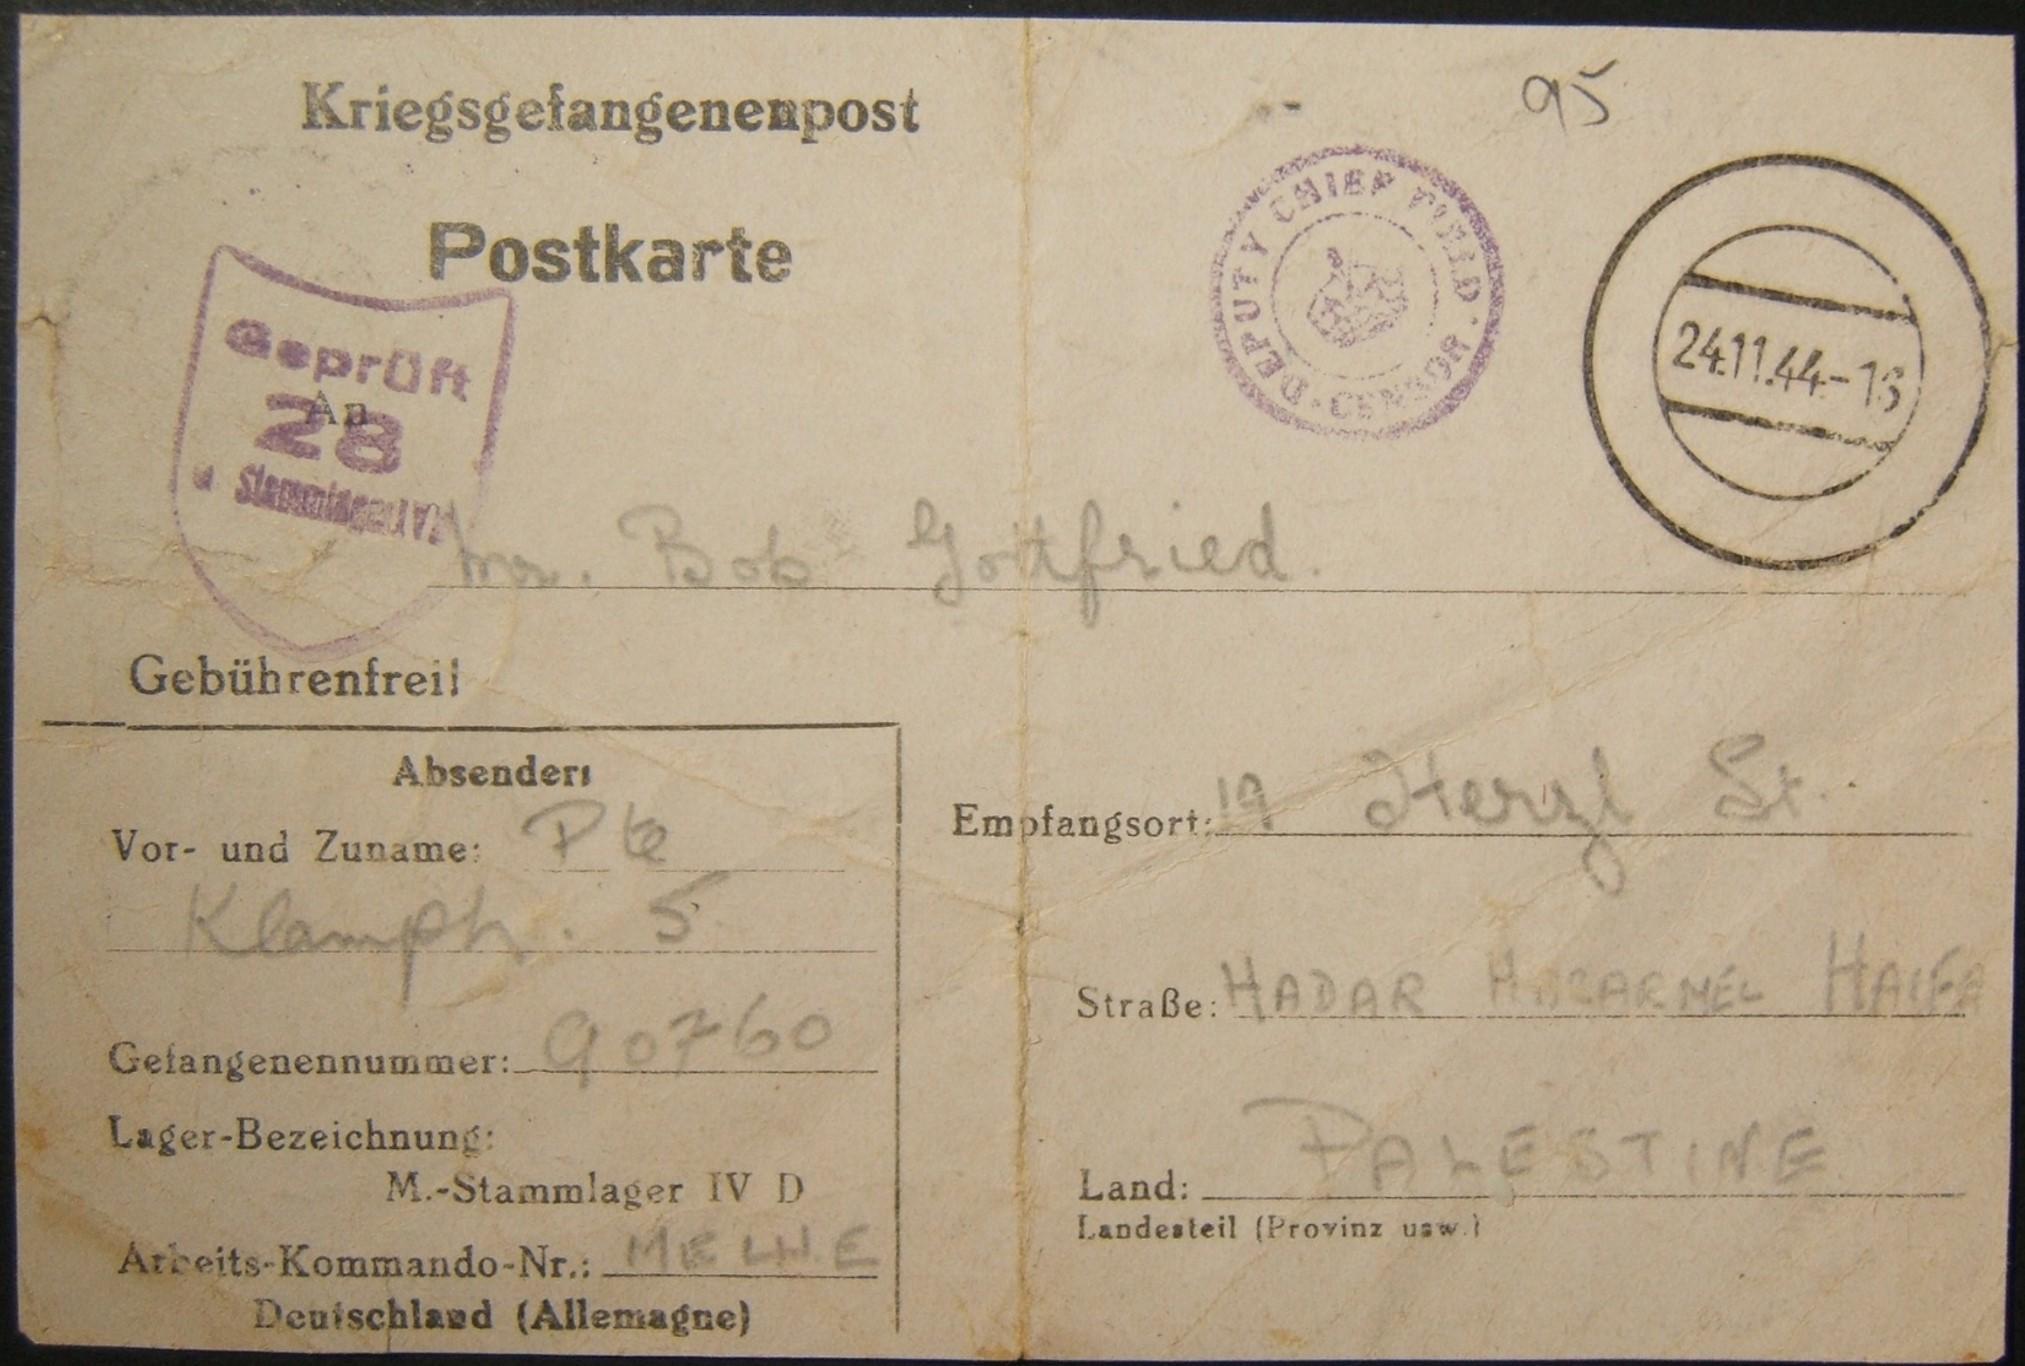 11/1944 الحرب العالمية الثانية / حقبة المحرقة اليهودية من ألمانيا إلى هيفاء عبر مصر